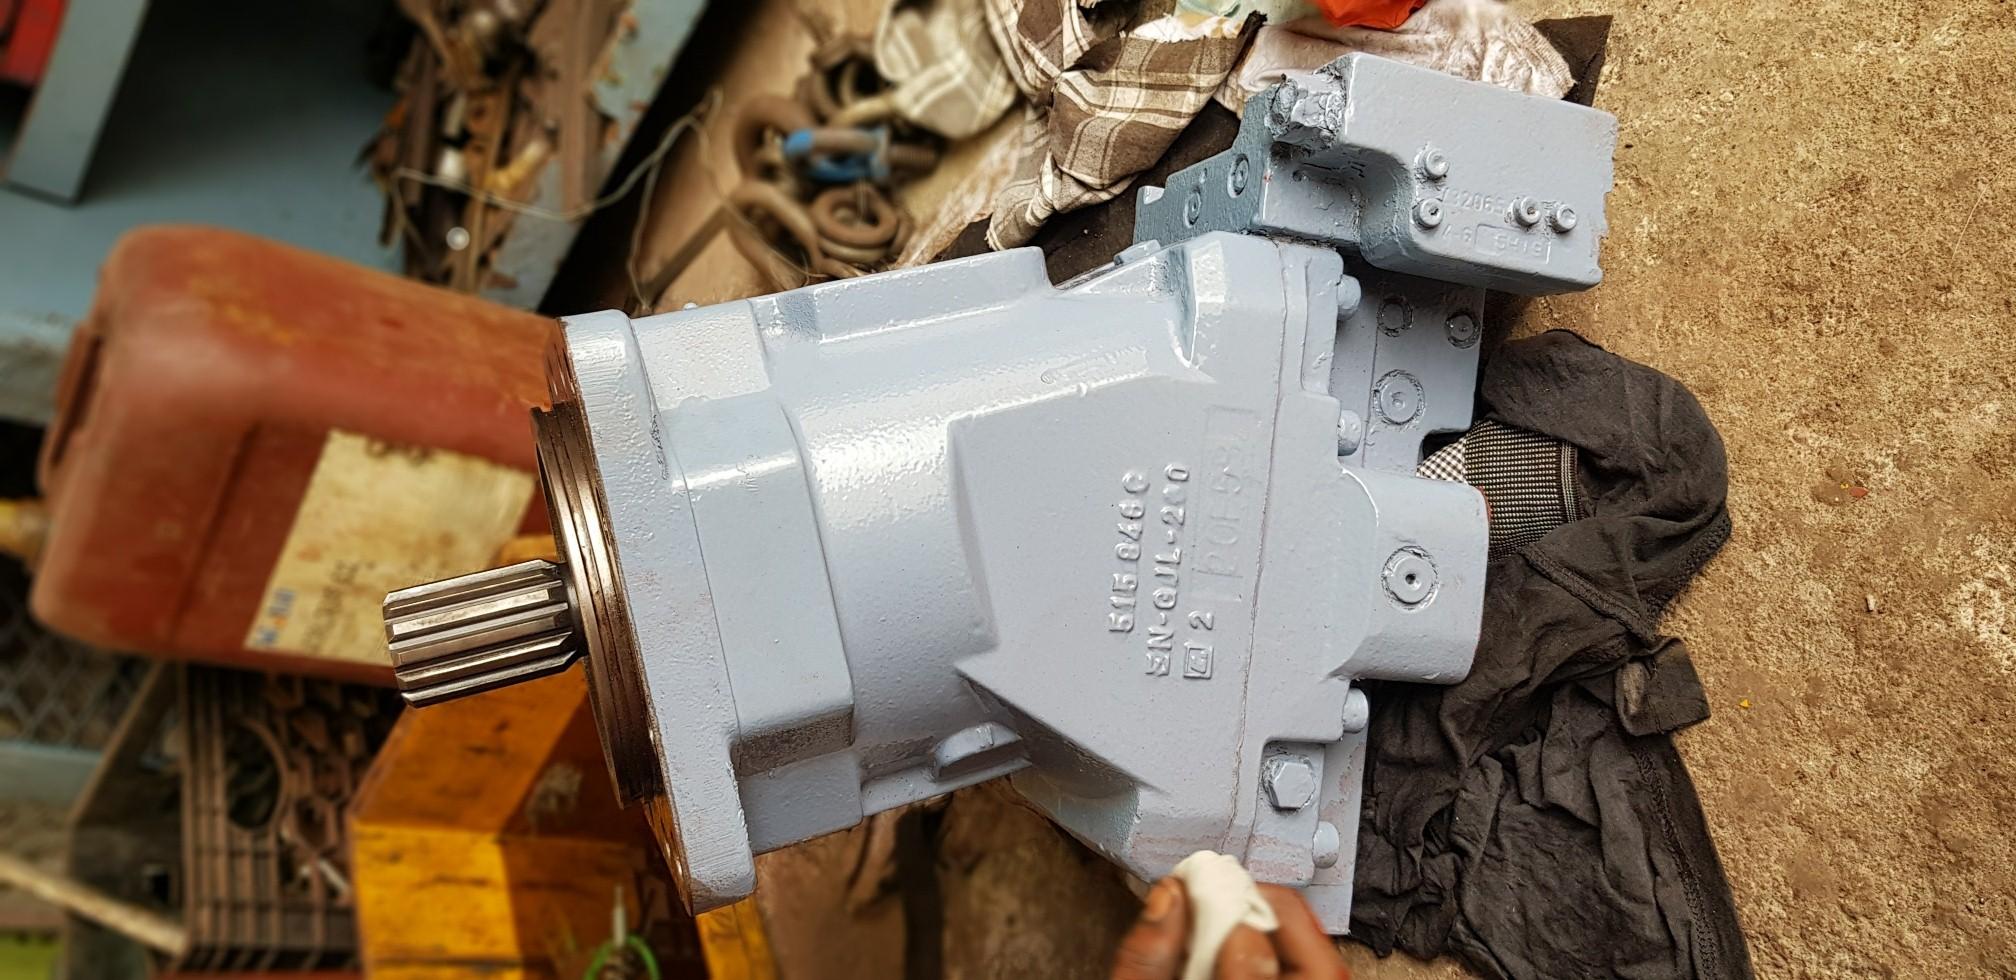 SAUER DANFOSS 51V160RC8N MODEL HYDRAULIC PUMP (HF HYDRAULICS, INDIA)